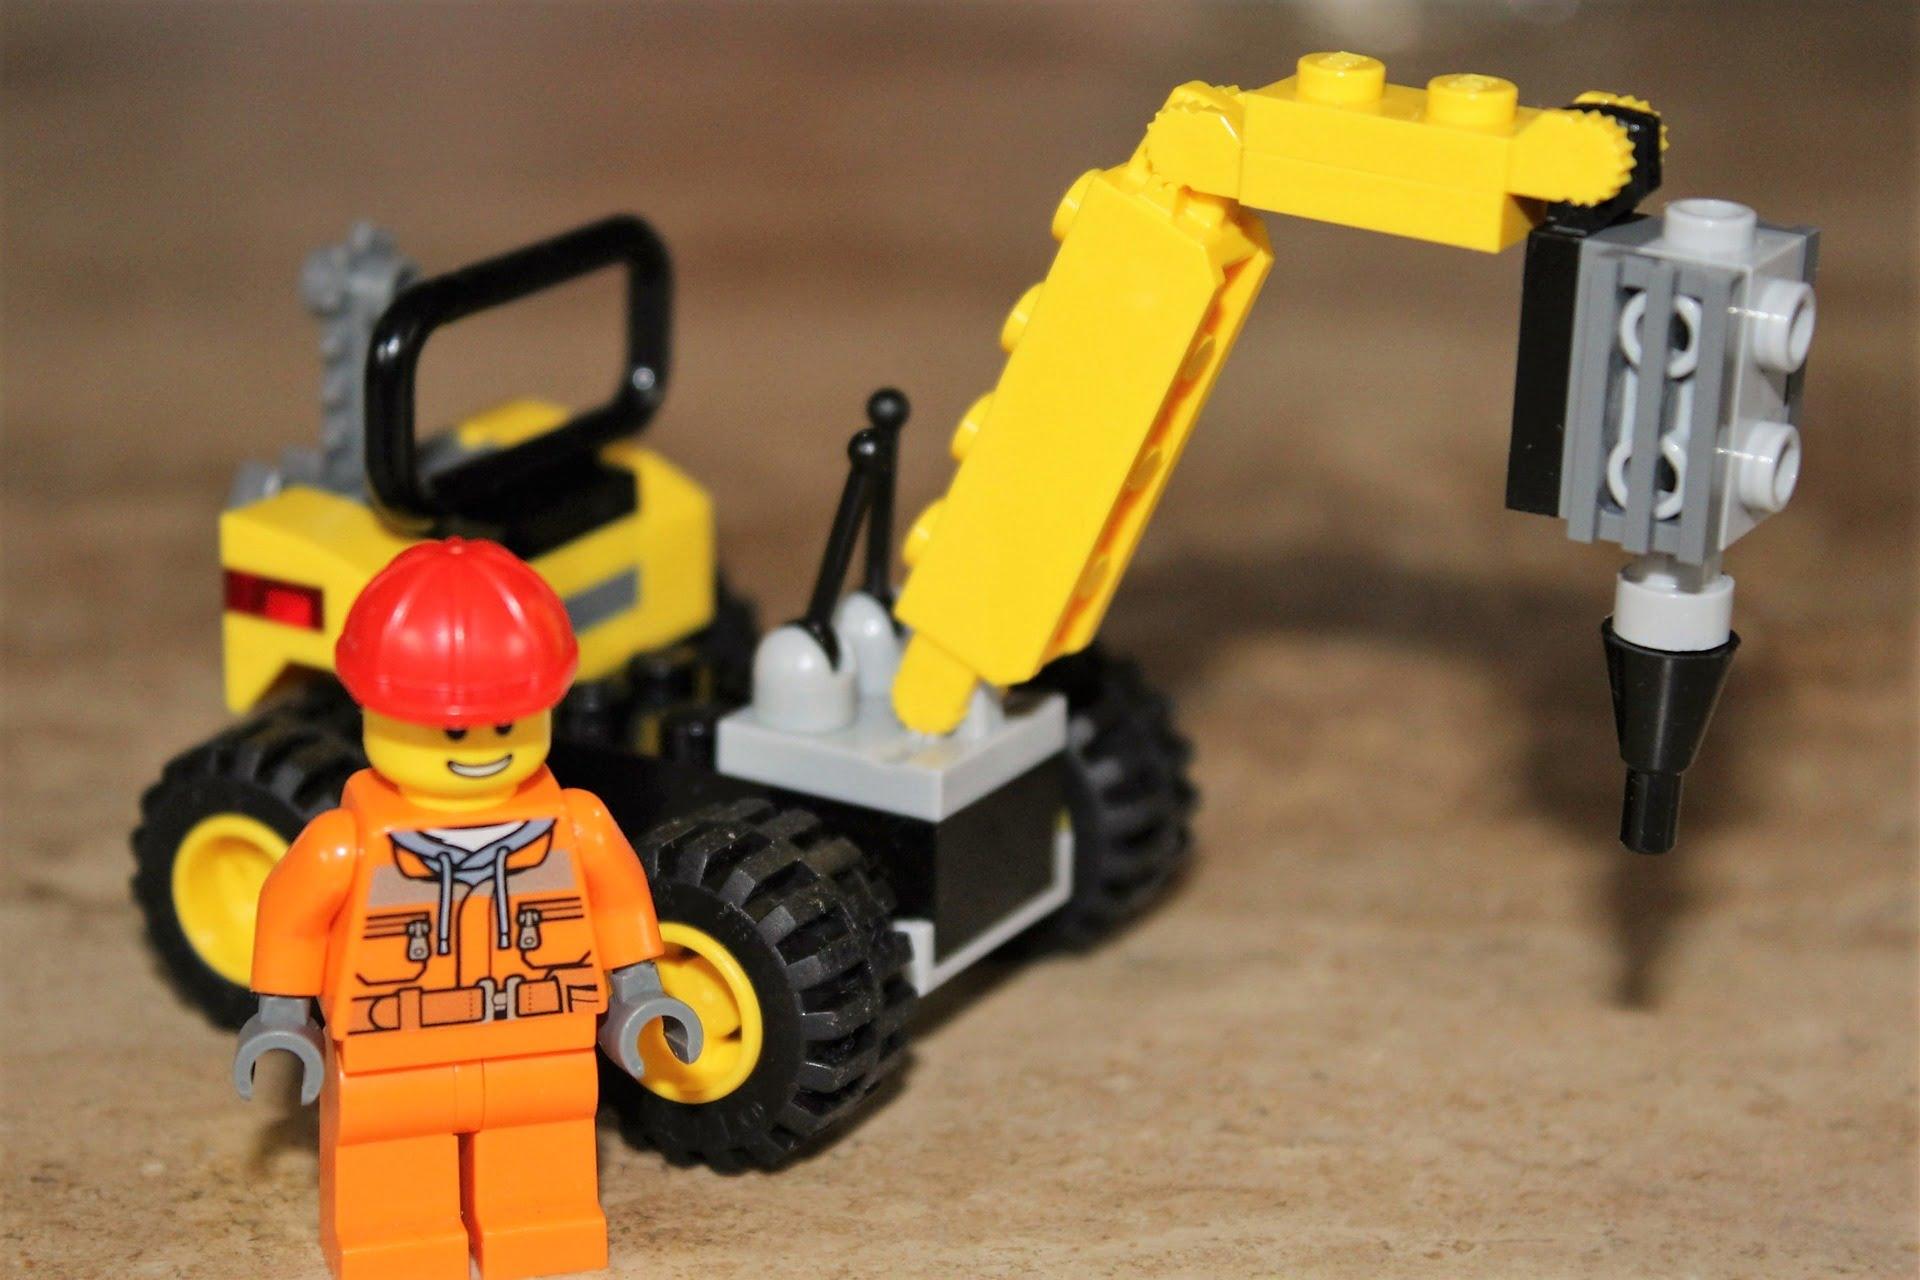 Dźwig z klocków lego, obok pracownik budowlany